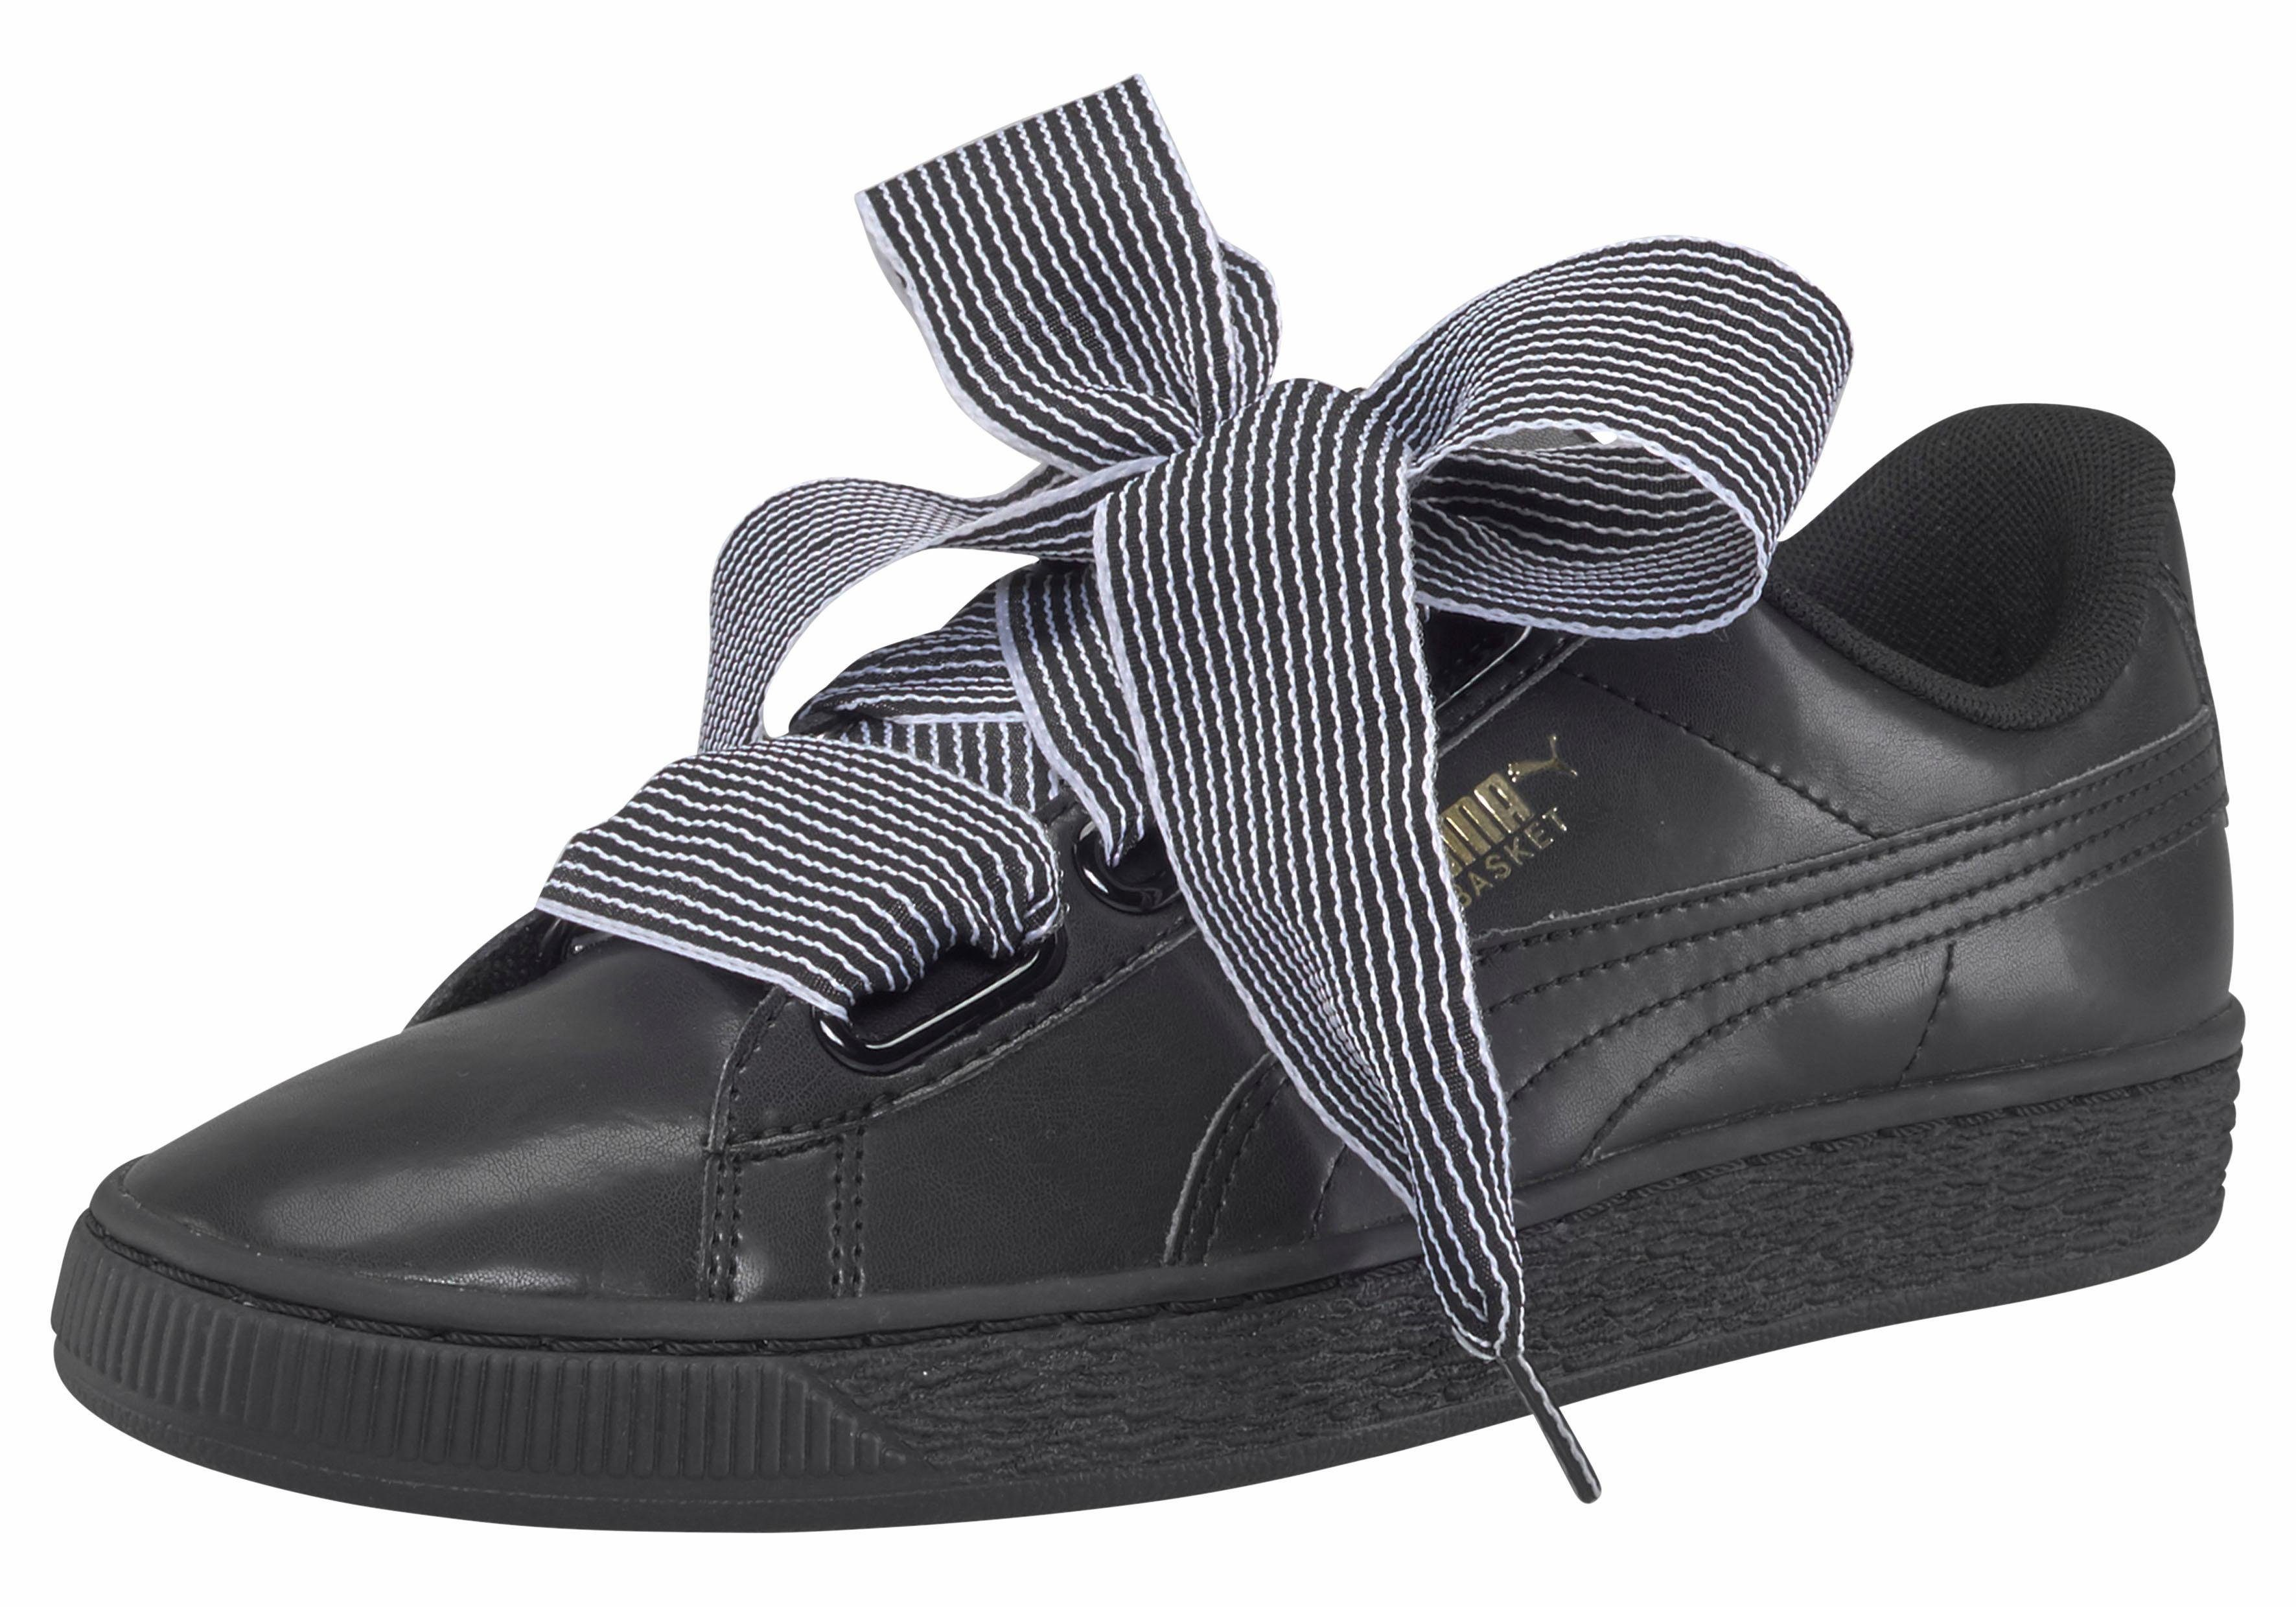 PUMA »Basket Heart Womens« Sneaker, Modischer Sneaker von Puma online kaufen | OTTO